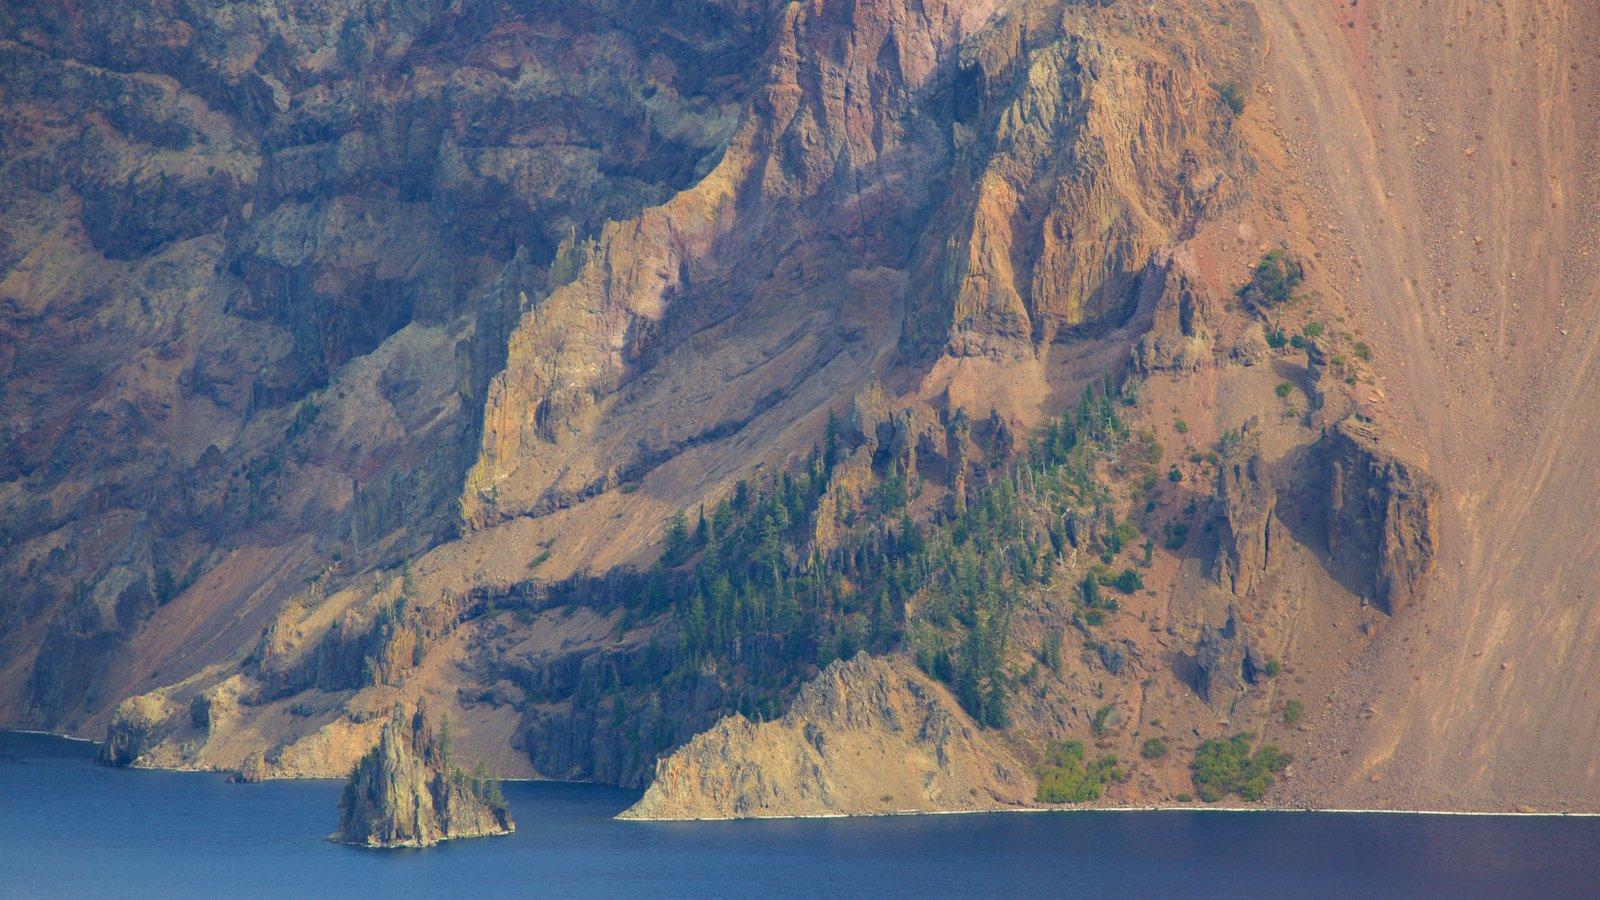 Parque Nacional Lago del Cráter mostrando escenas tranquilas, un lago o abrevadero y montañas